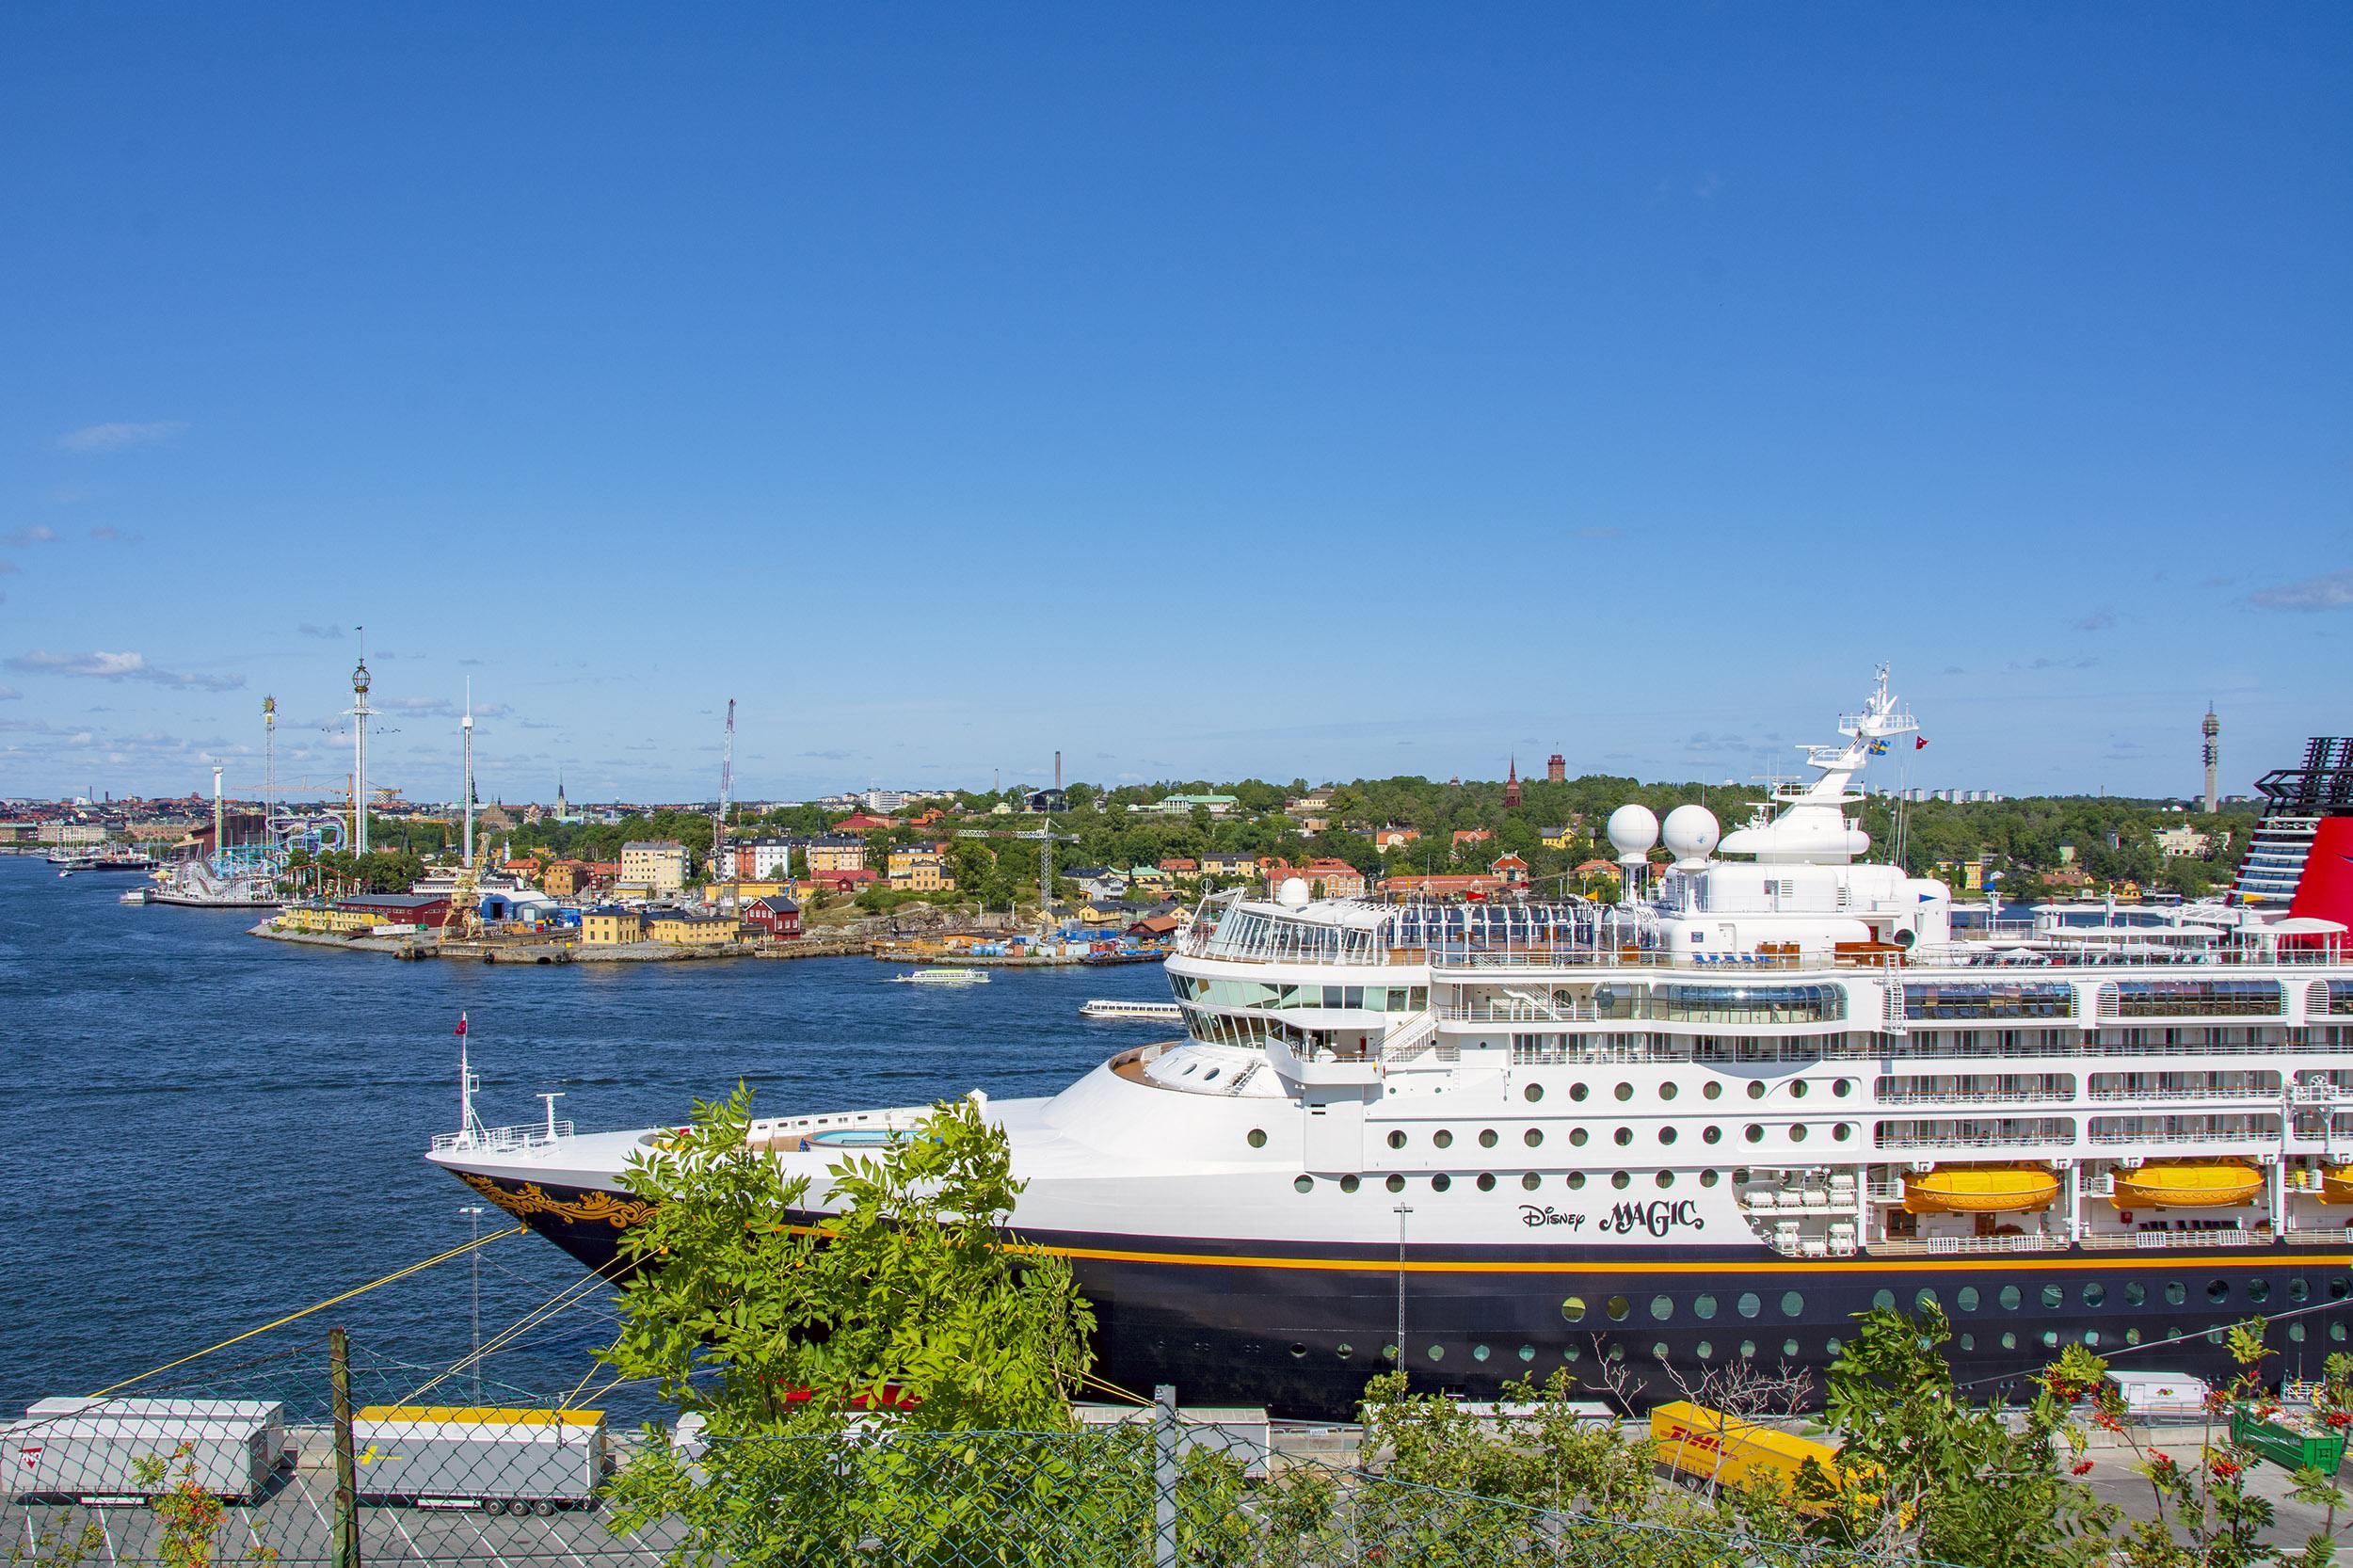 Stockholm Gröna Lund